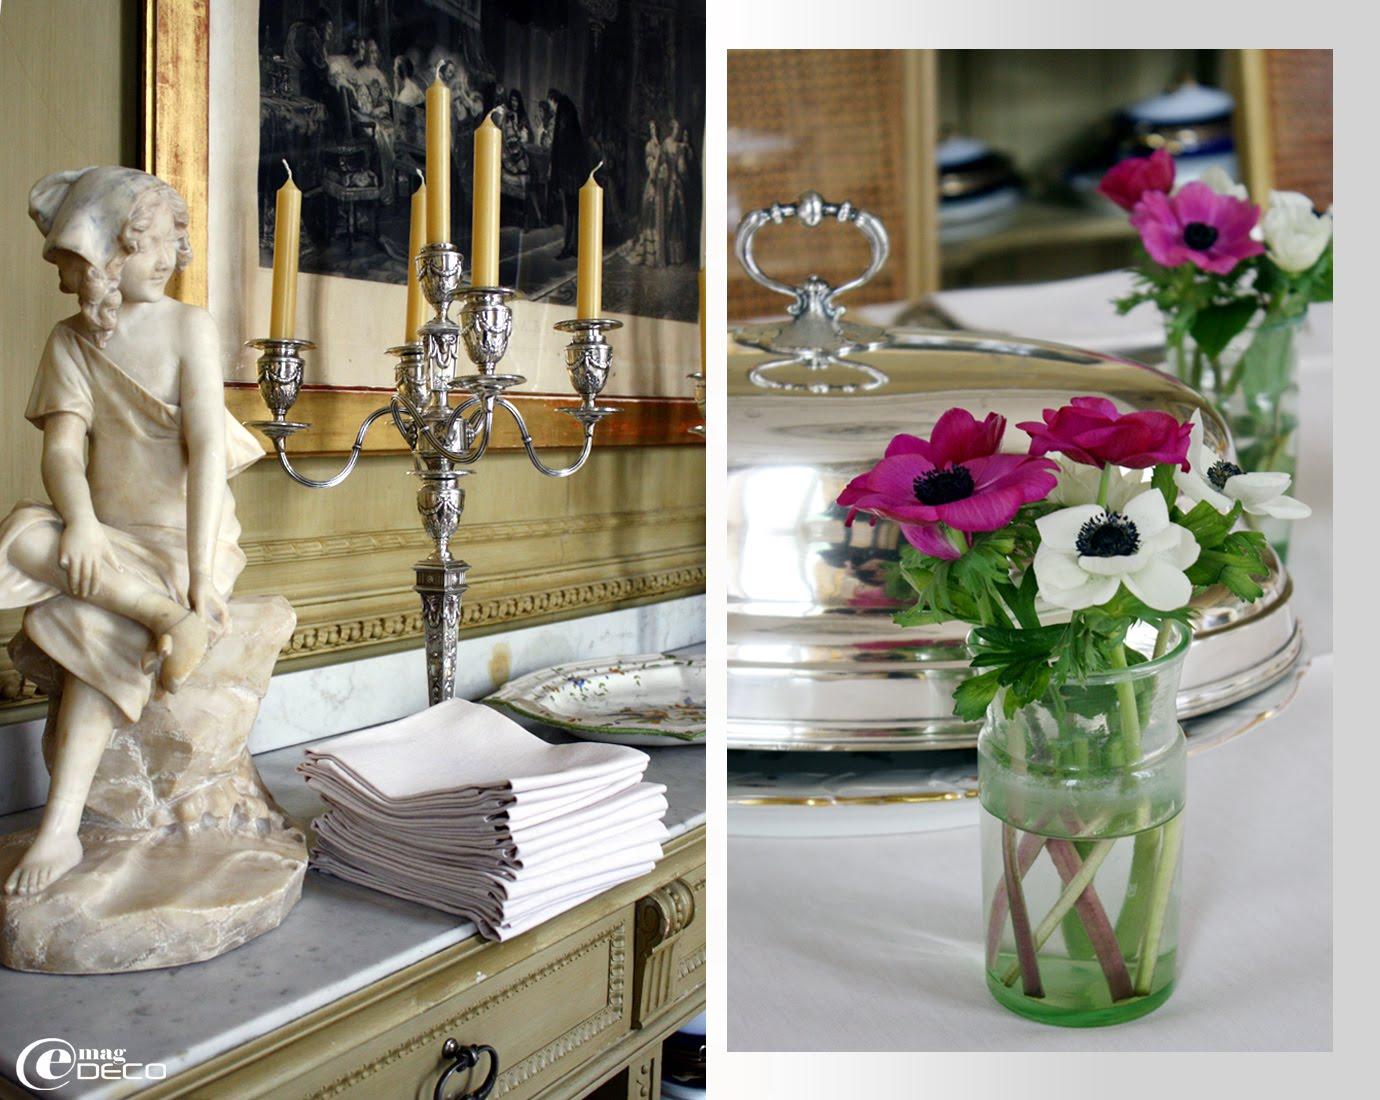 Détails du Salon Napoléon III de l'Hôtel La Mirande